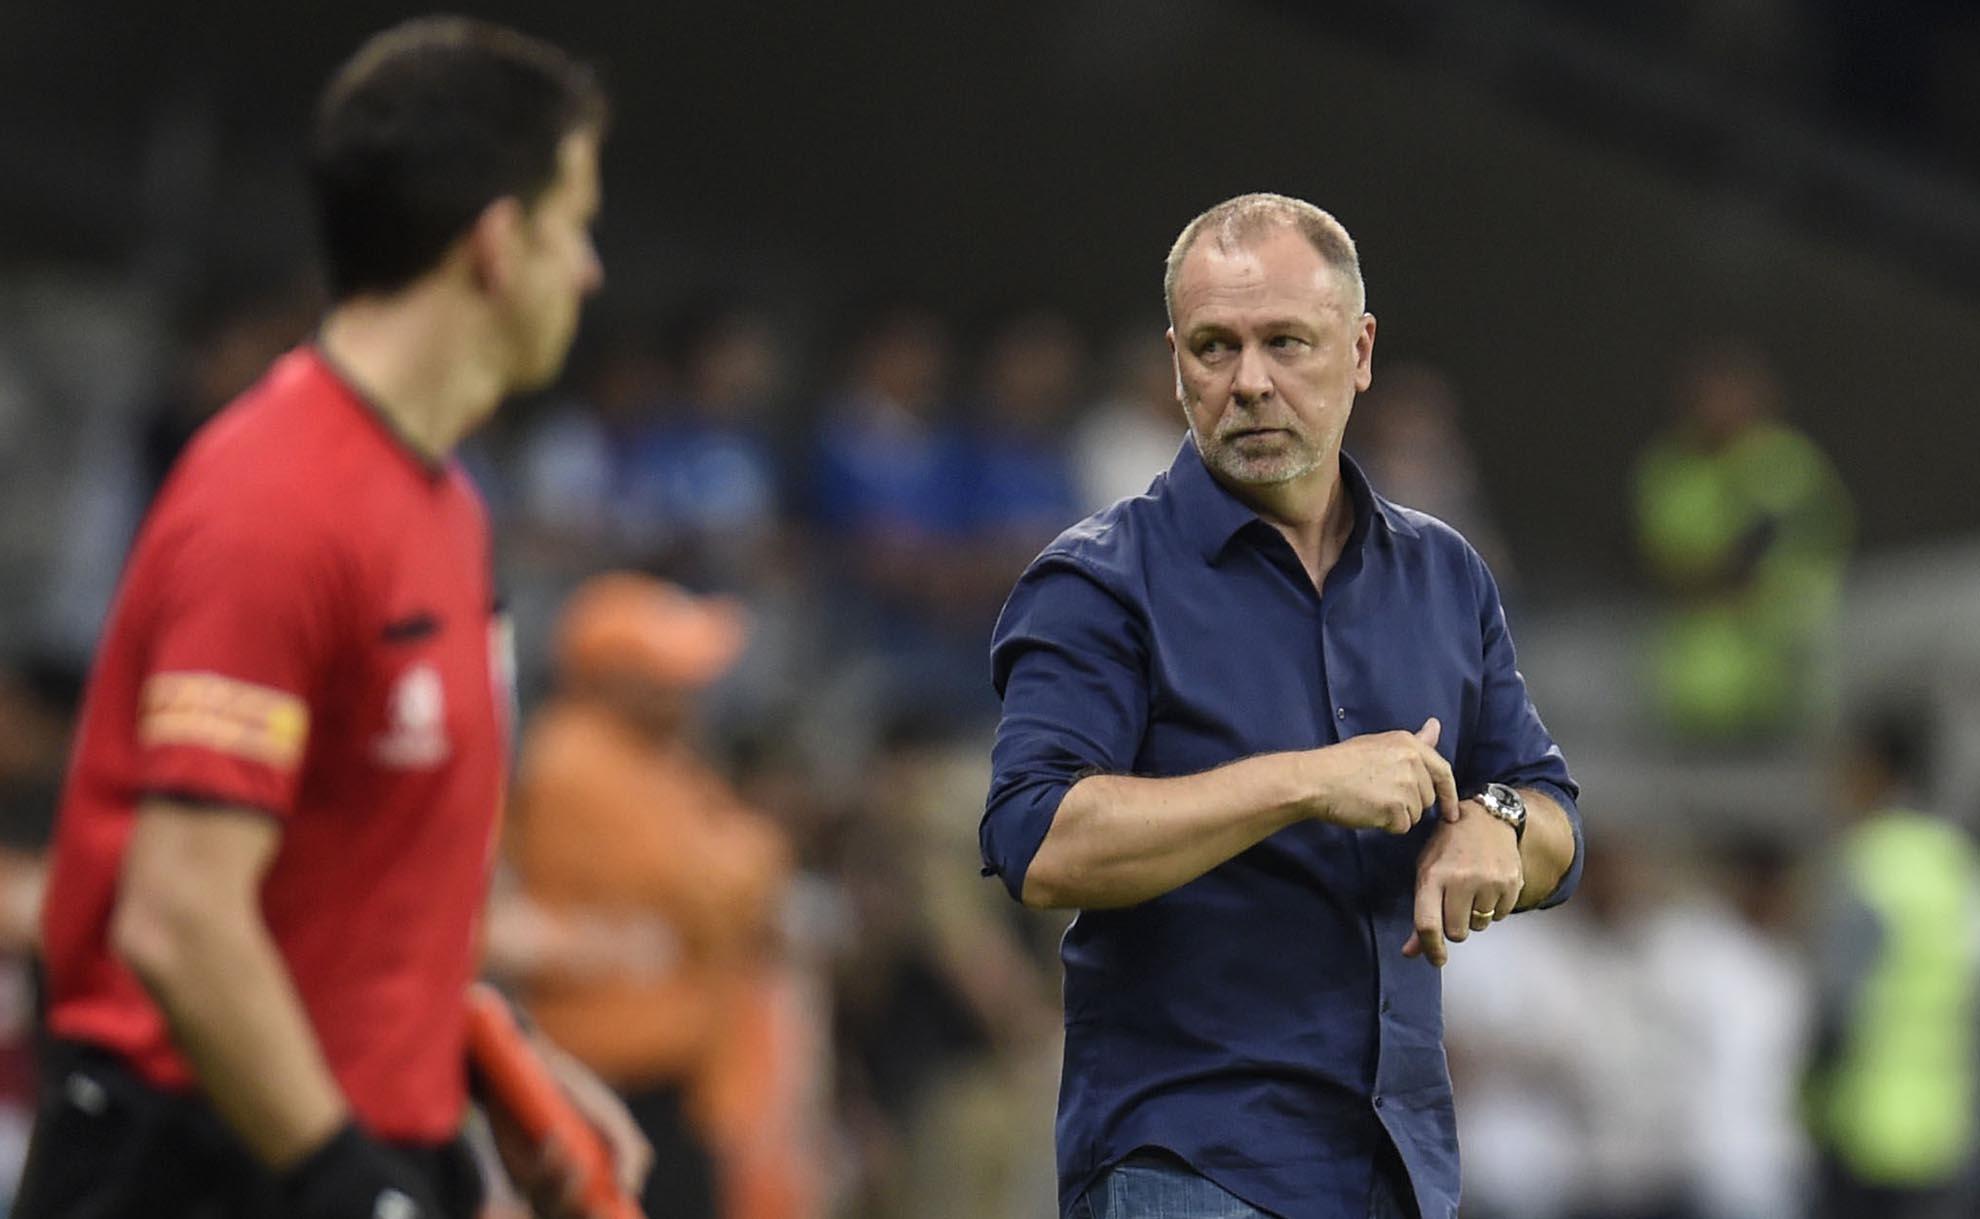 """Presidente do Cruzeiro dispara contra a arbitragem e Conmebol: """"A vagabundagem é impressionante"""""""